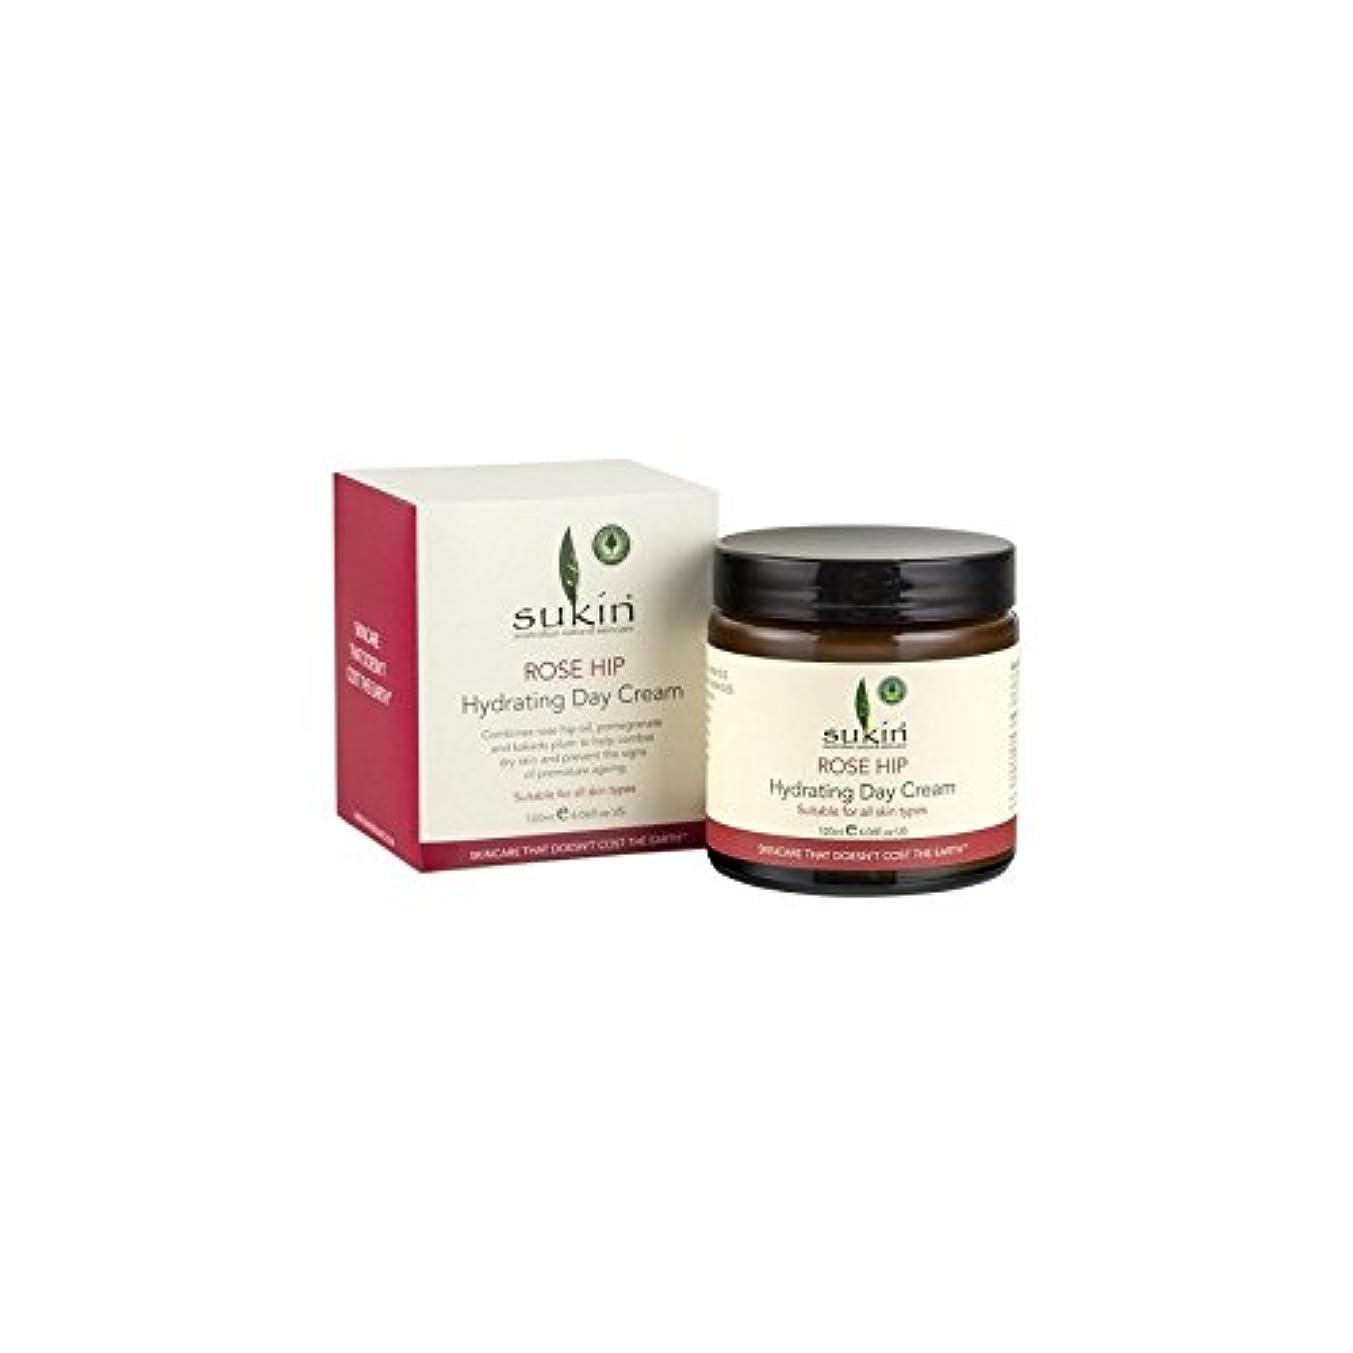 フローティング覆す咽頭Rose Hip Hydrating Day Cream (120ml) (Pack of 6) - ヒップ水和デイクリーム(120ミリリットル)をバラ x6 [並行輸入品]